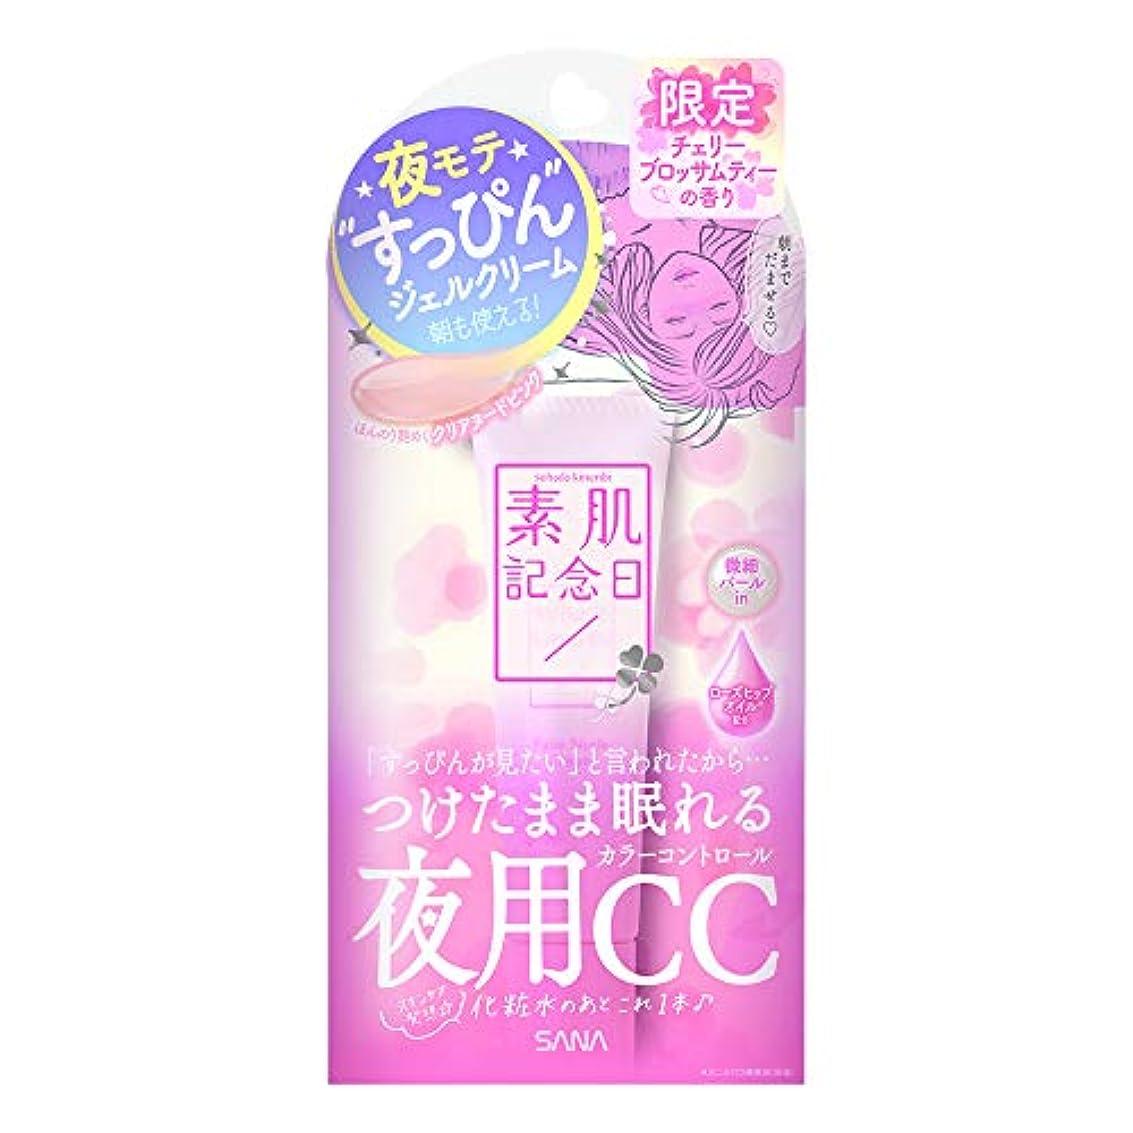 受け入れた衝突クロニクル素肌記念日 フェイクヌードクリーム ヌードピンク チェリーブロッサムティの香り 30g